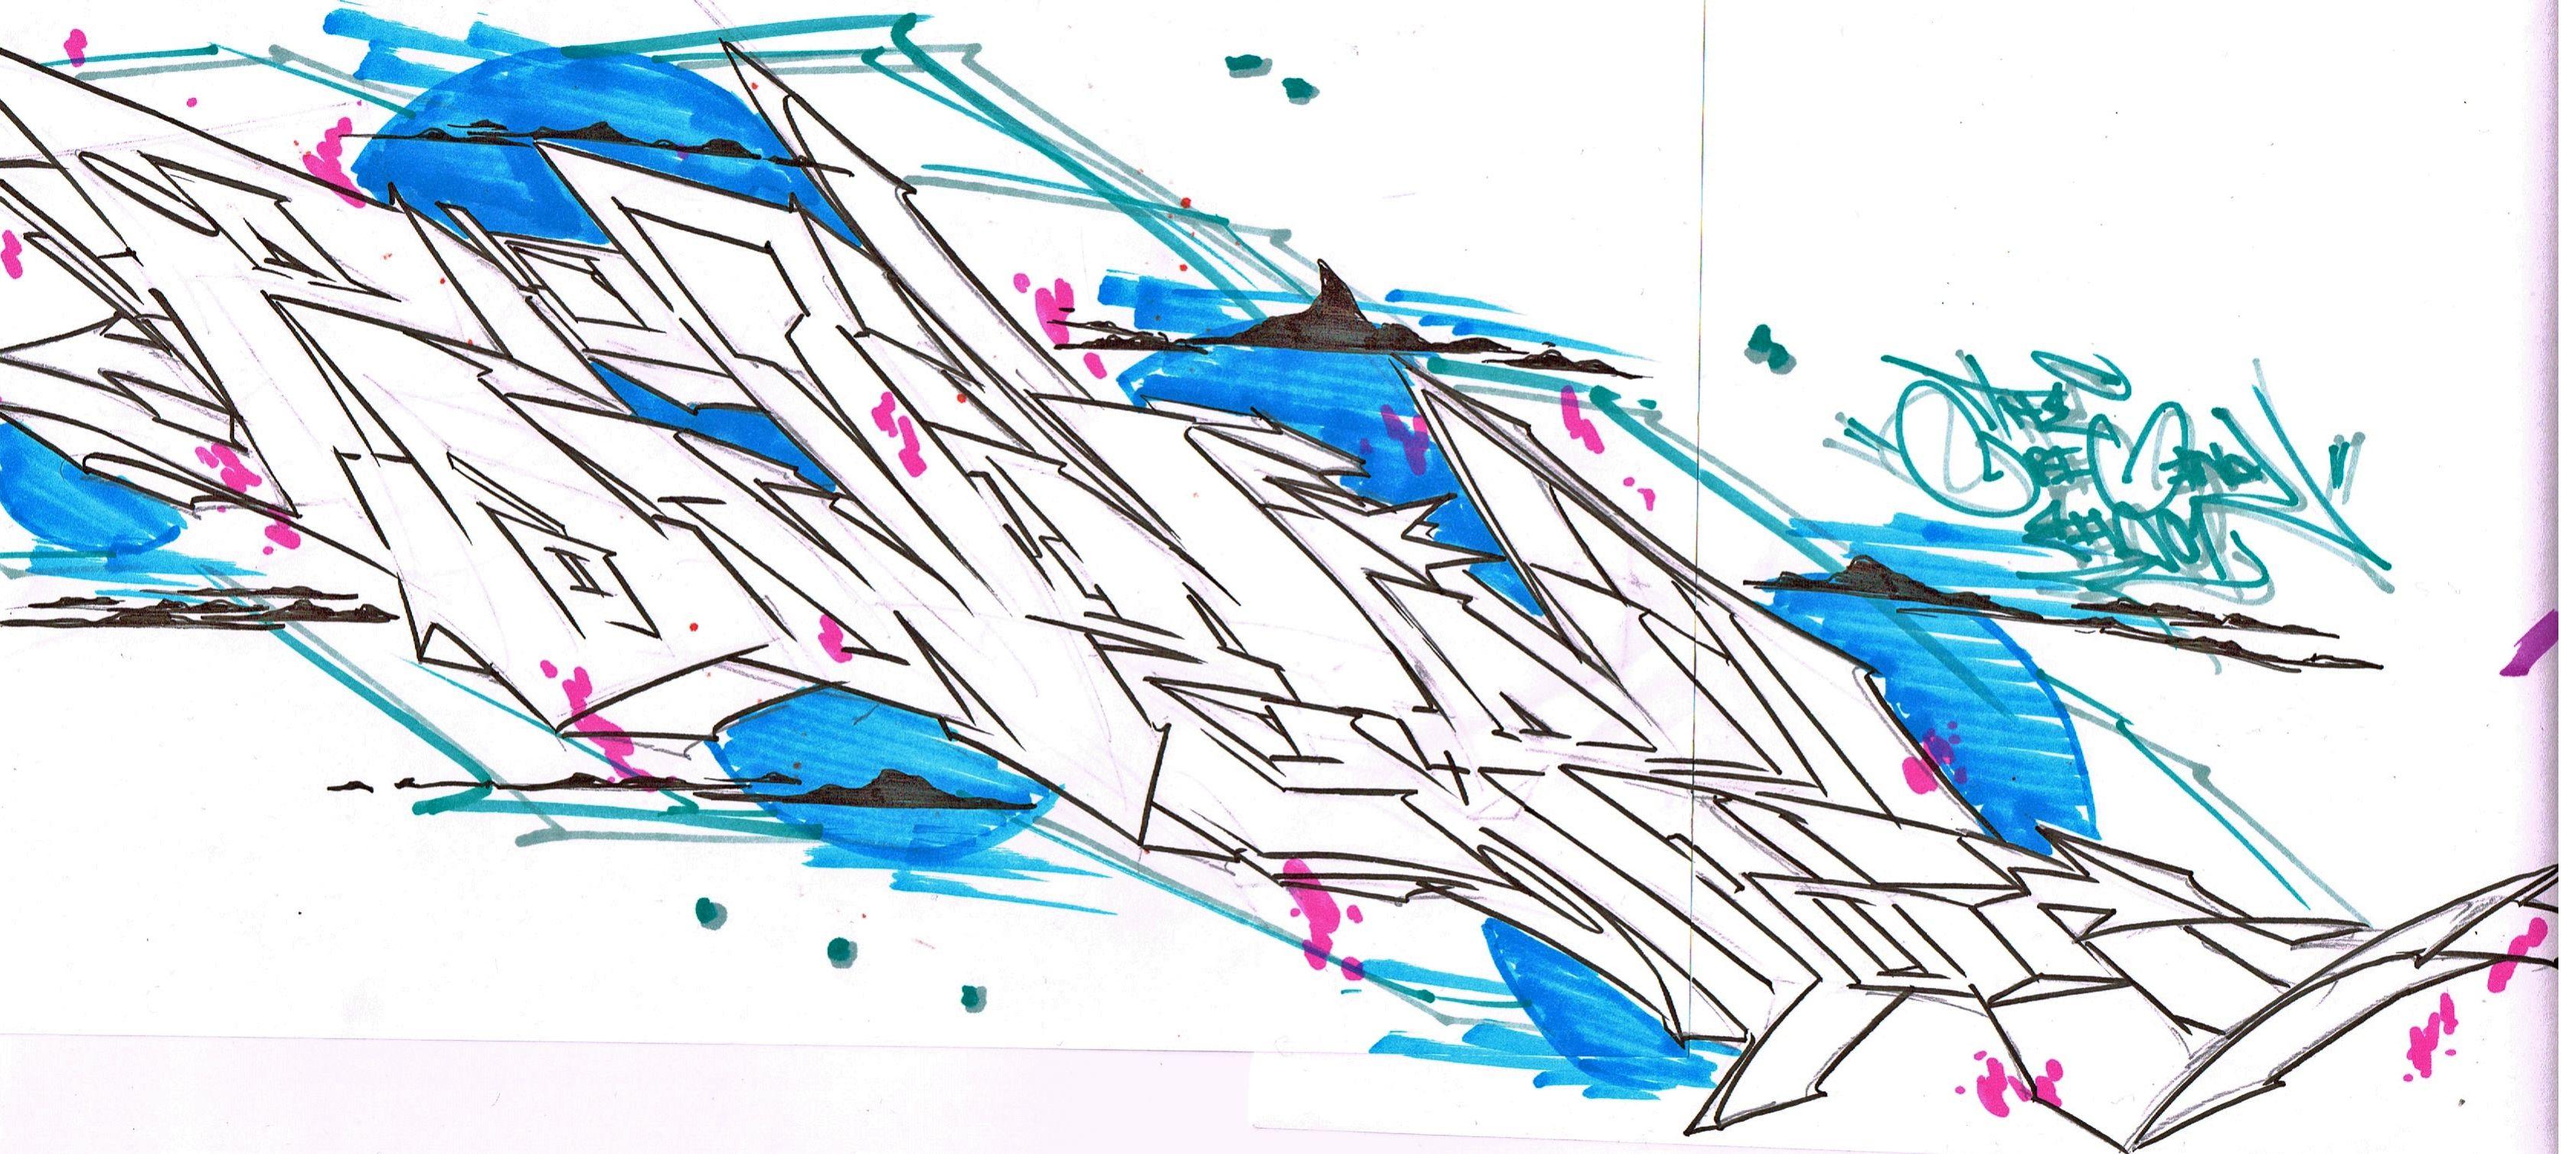 ai.imgur.com_HSBaQw2.jpg